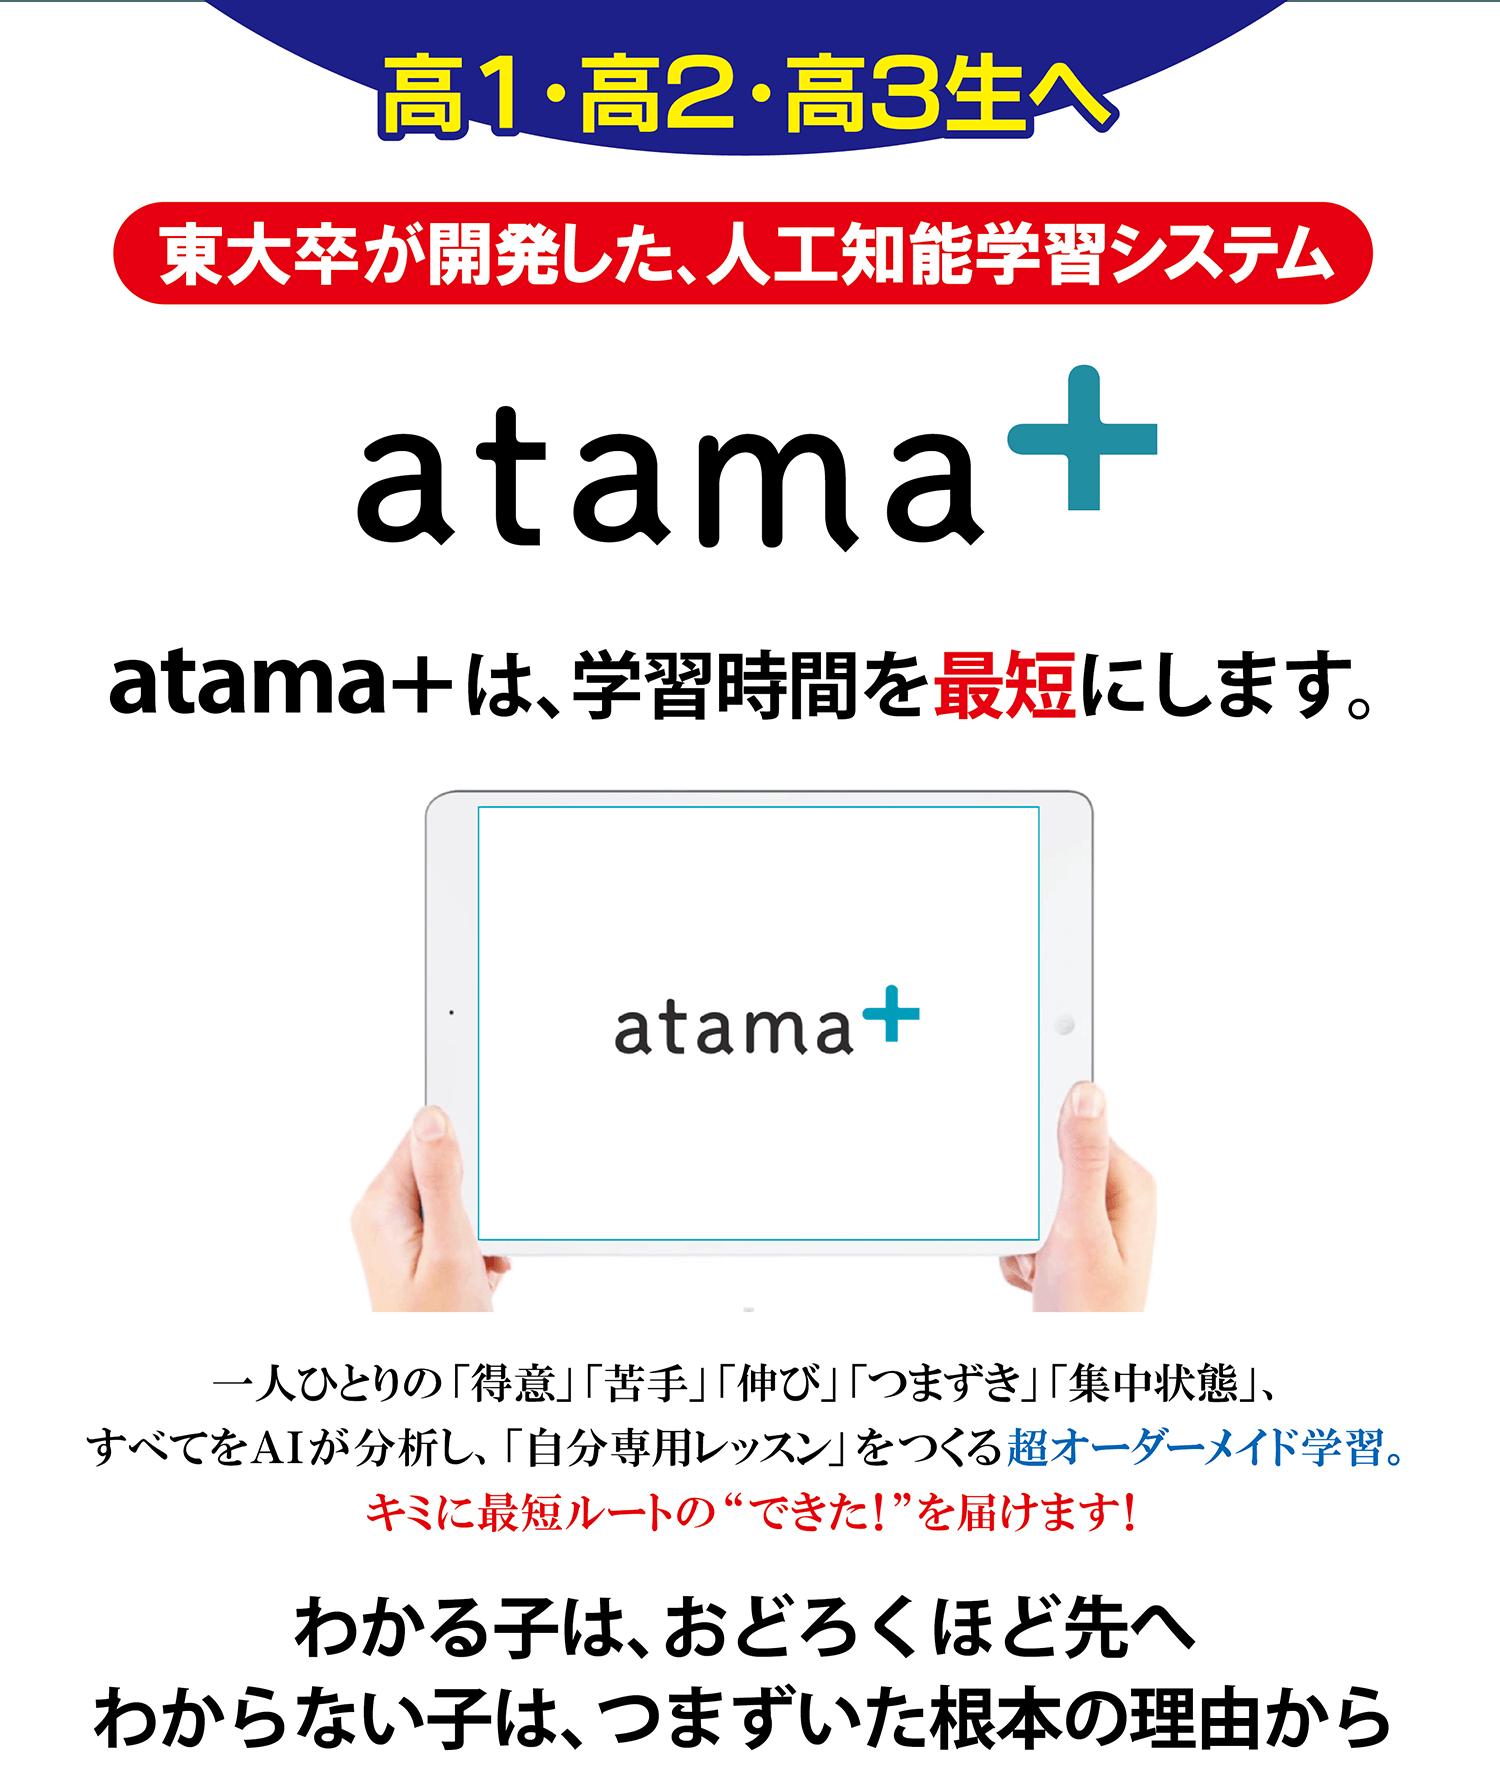 人工知能学習システム_atama+